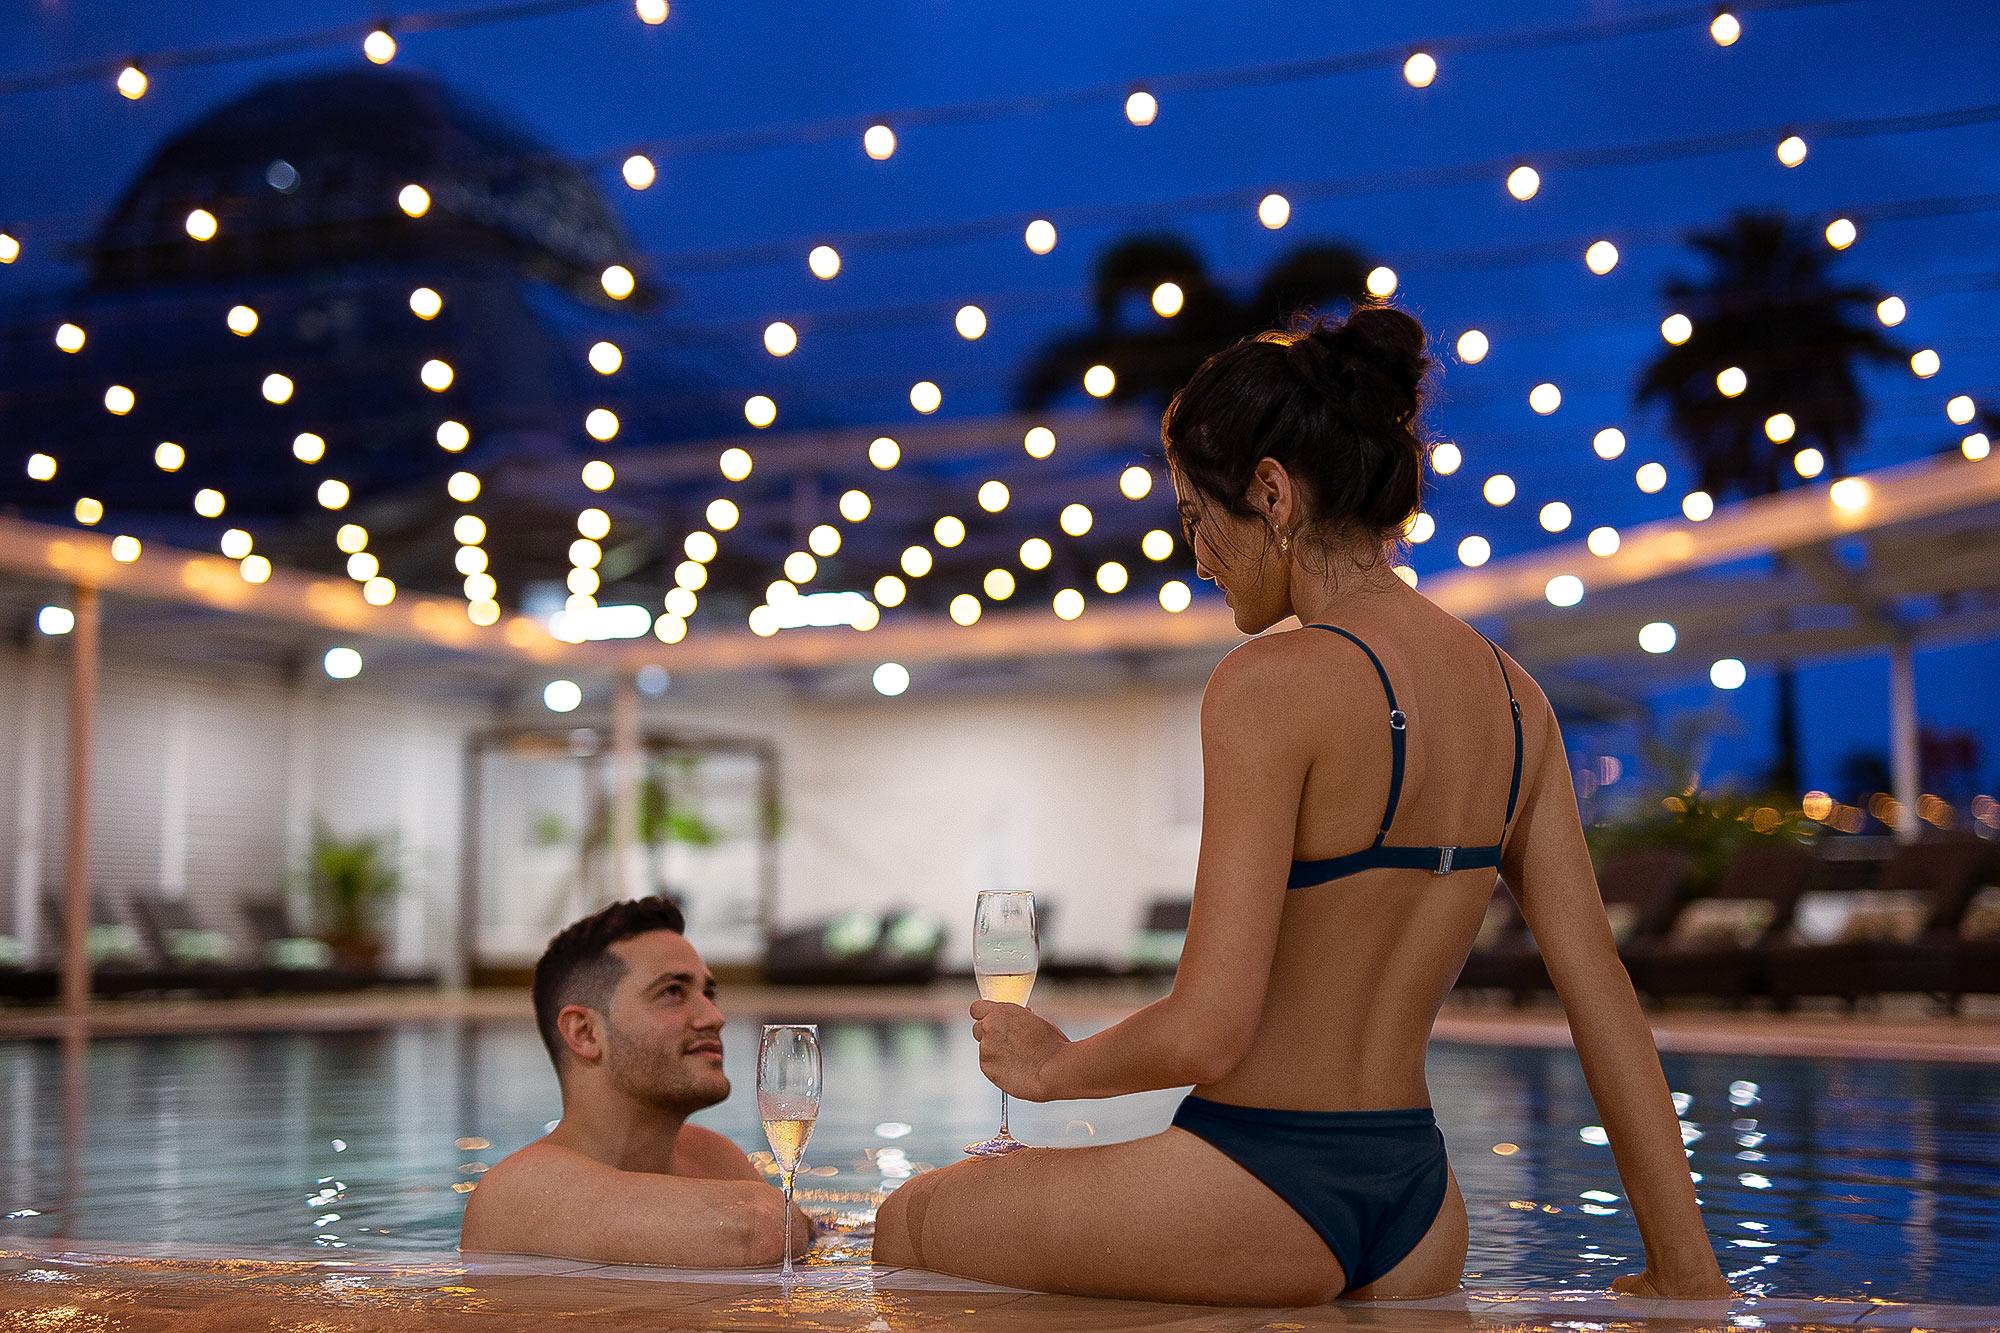 Hotel Lifestyle Fotografie; Hotelfotograf Adrian Kilchherr Schweiz Australien Weltweit